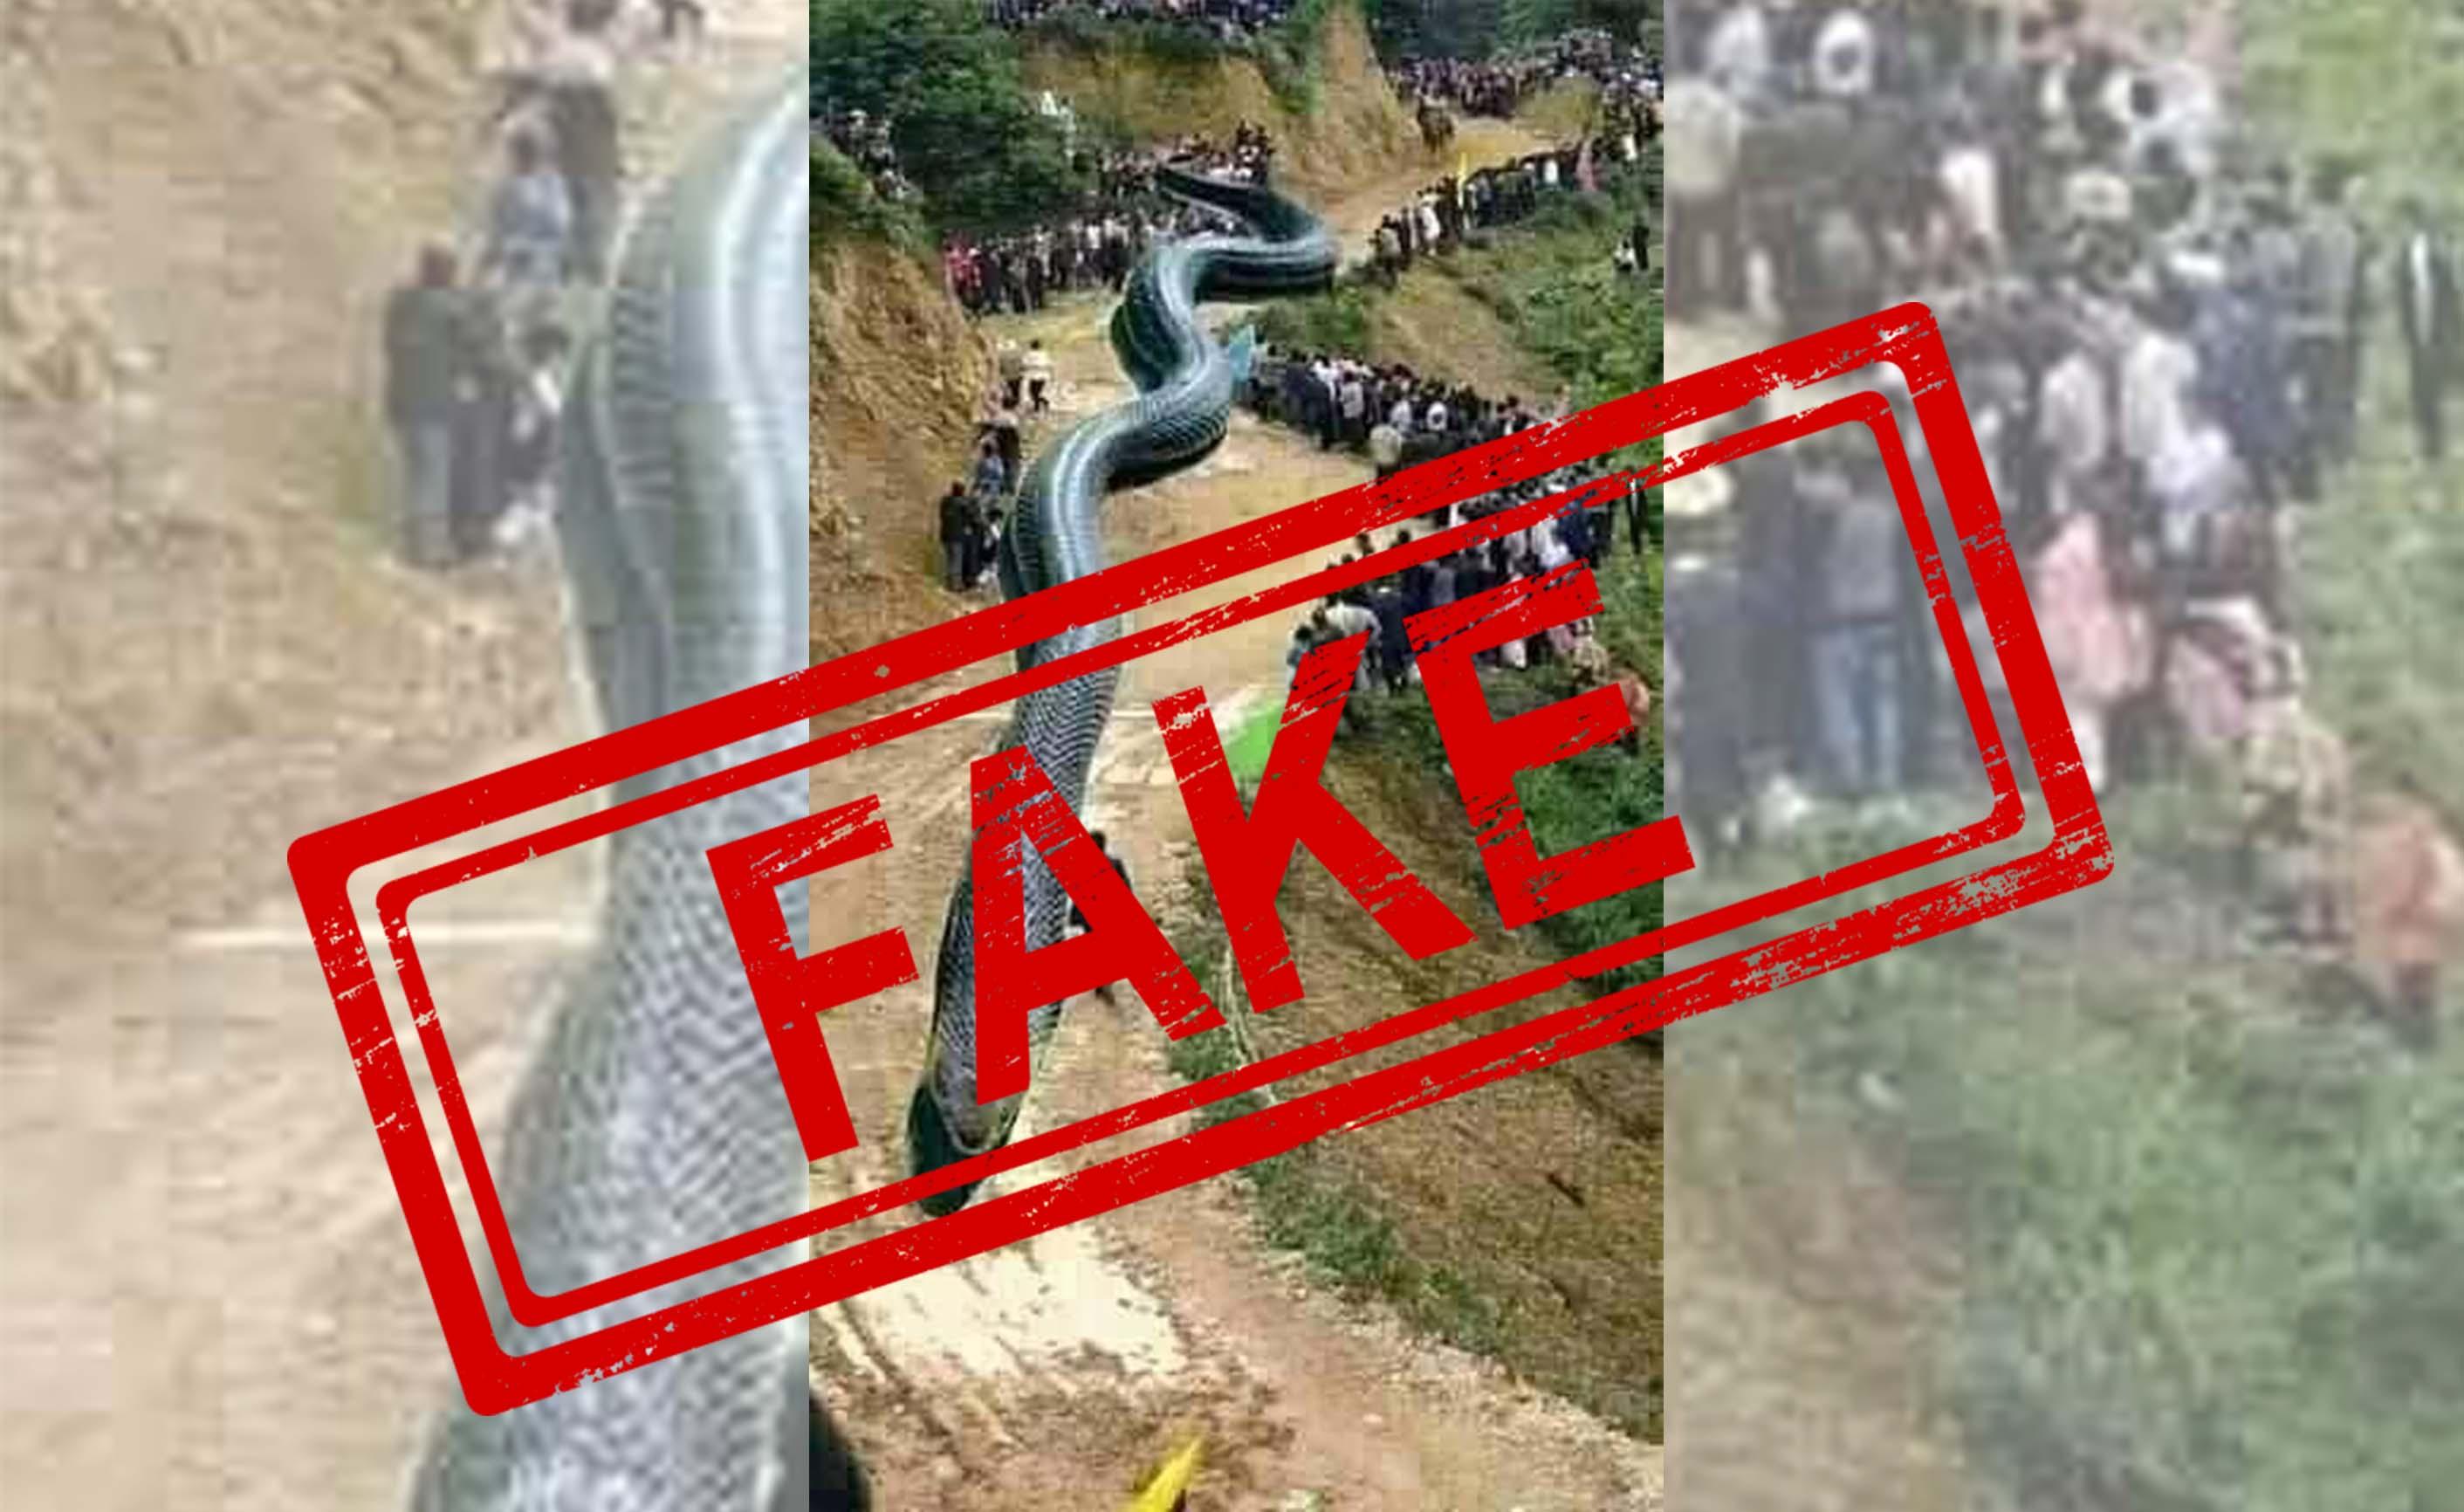 China, Snake, Giant, Earthquake, Newsmobile, Mobile, News, fact check, Fact Checker, India, FAKE